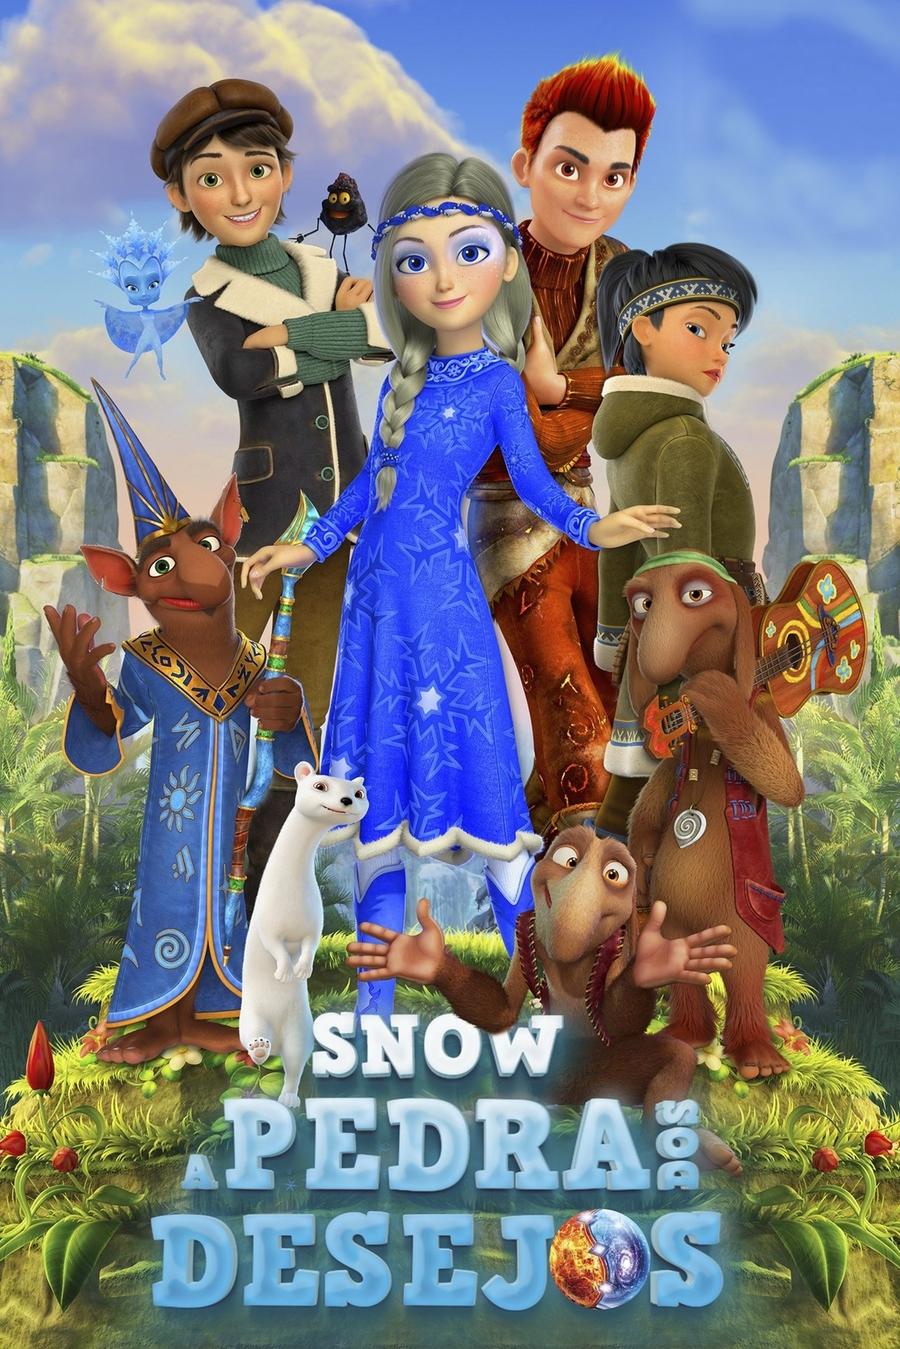 SNOW - A Pedra dos Desejos